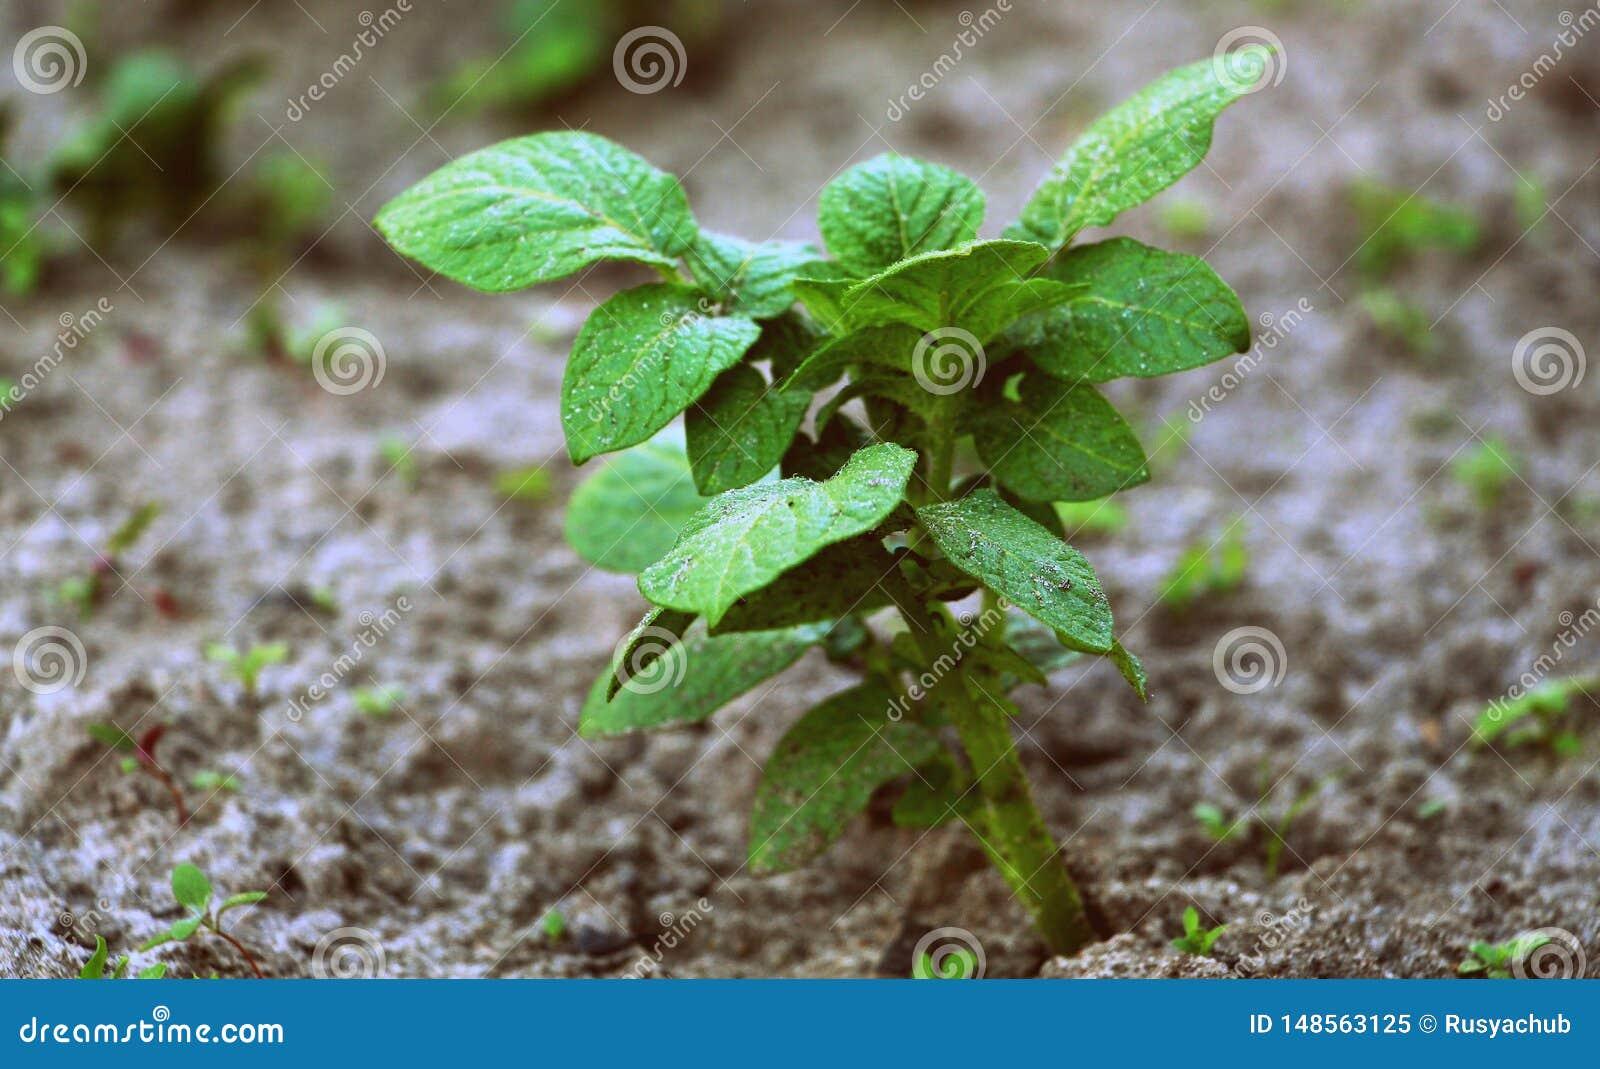 Patate crescenti Patate verdi Patate novelle fresche nel giardino Semi germogliati